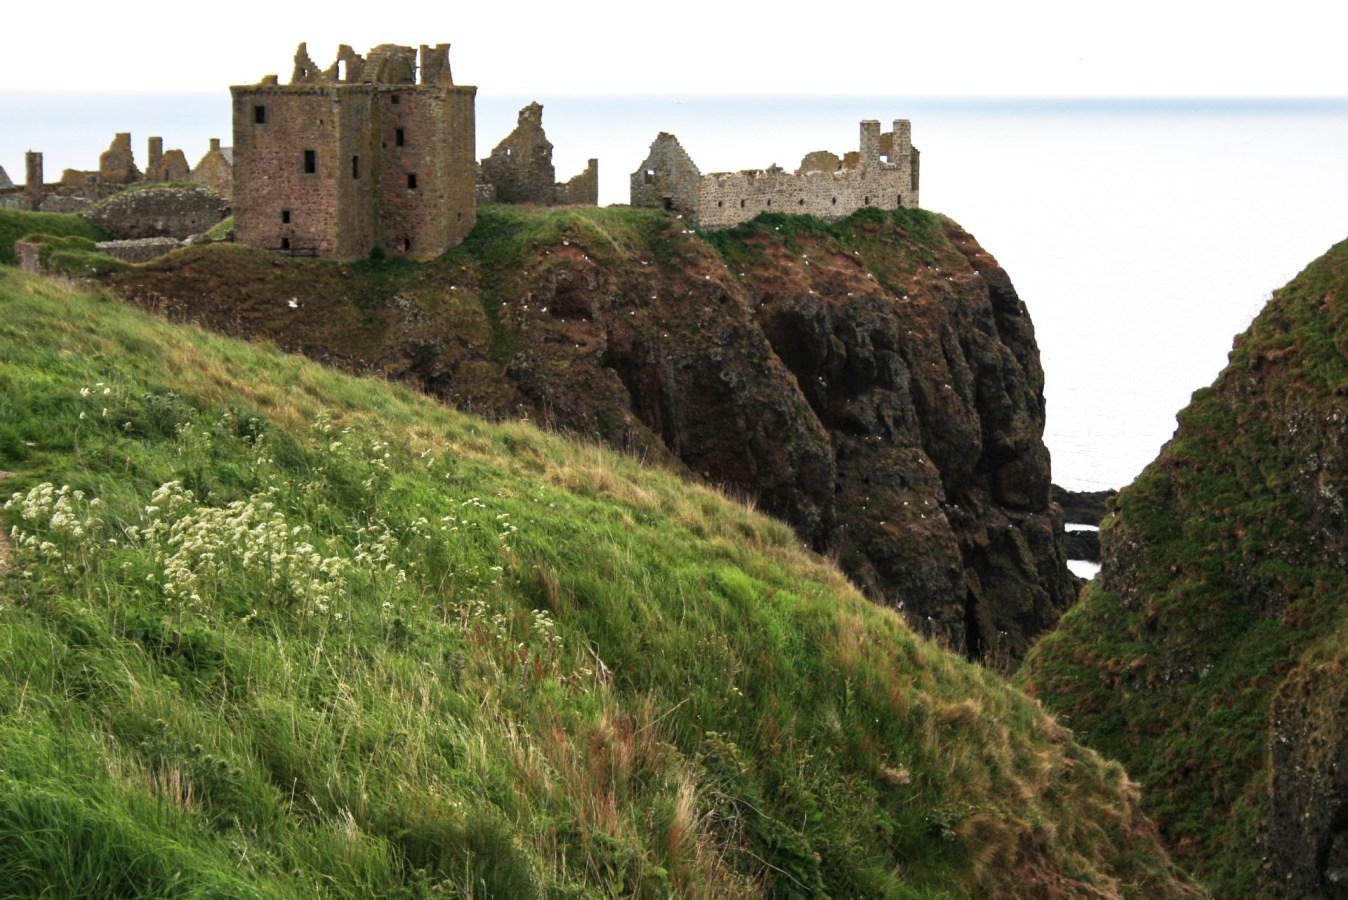 Burgruine in Schottland, schottische Geister, gruselige Burg in Schottland, Dunnottar Castle